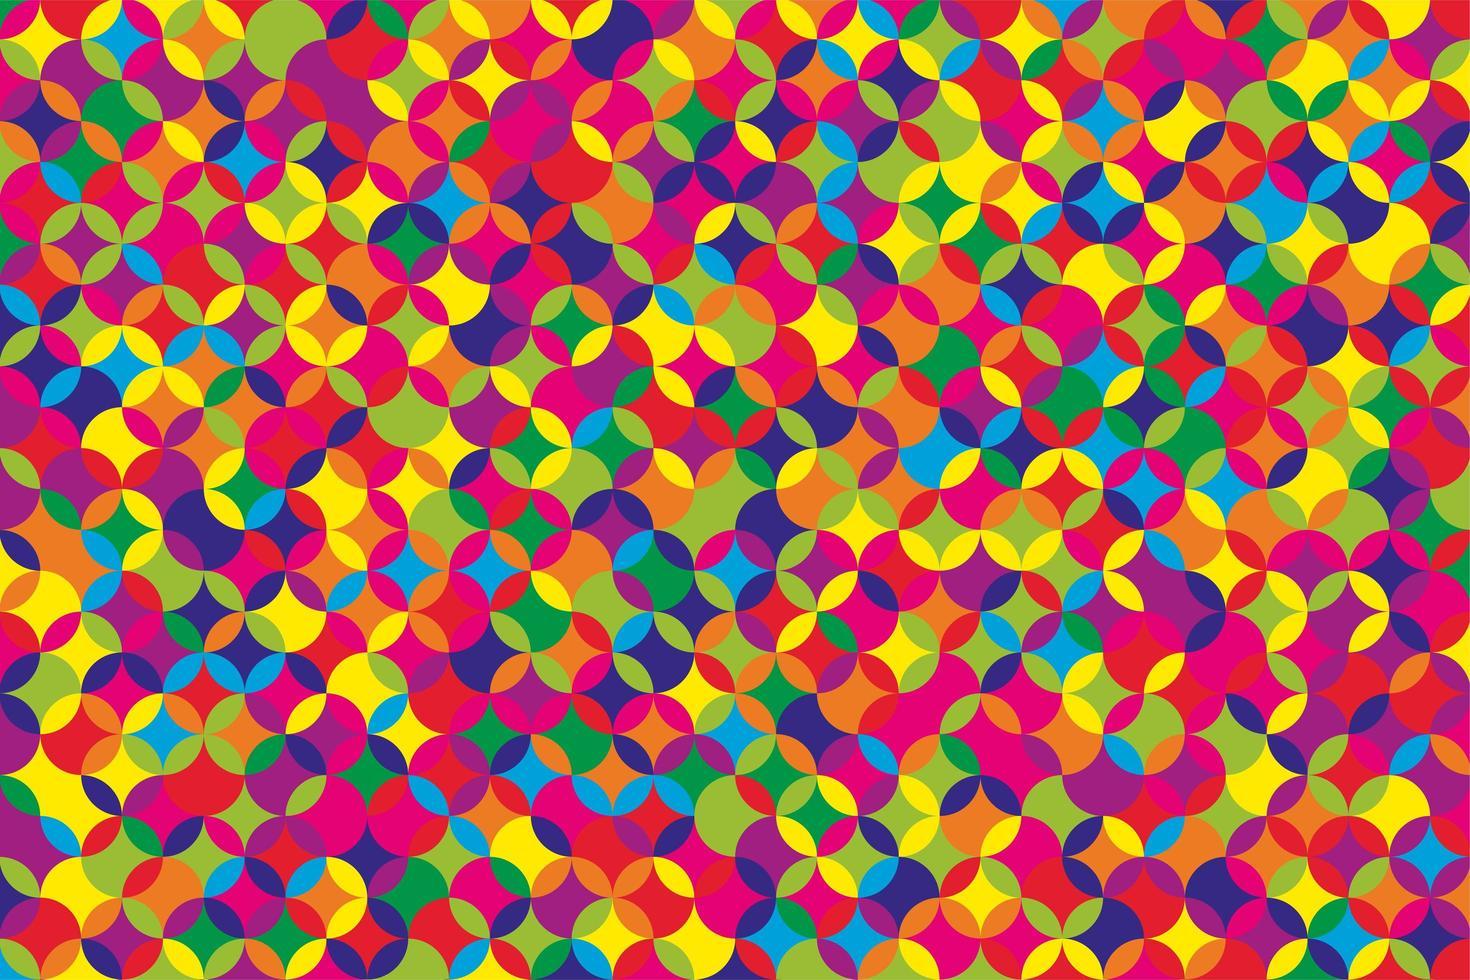 geometrische mozaïek achtergrond. vector